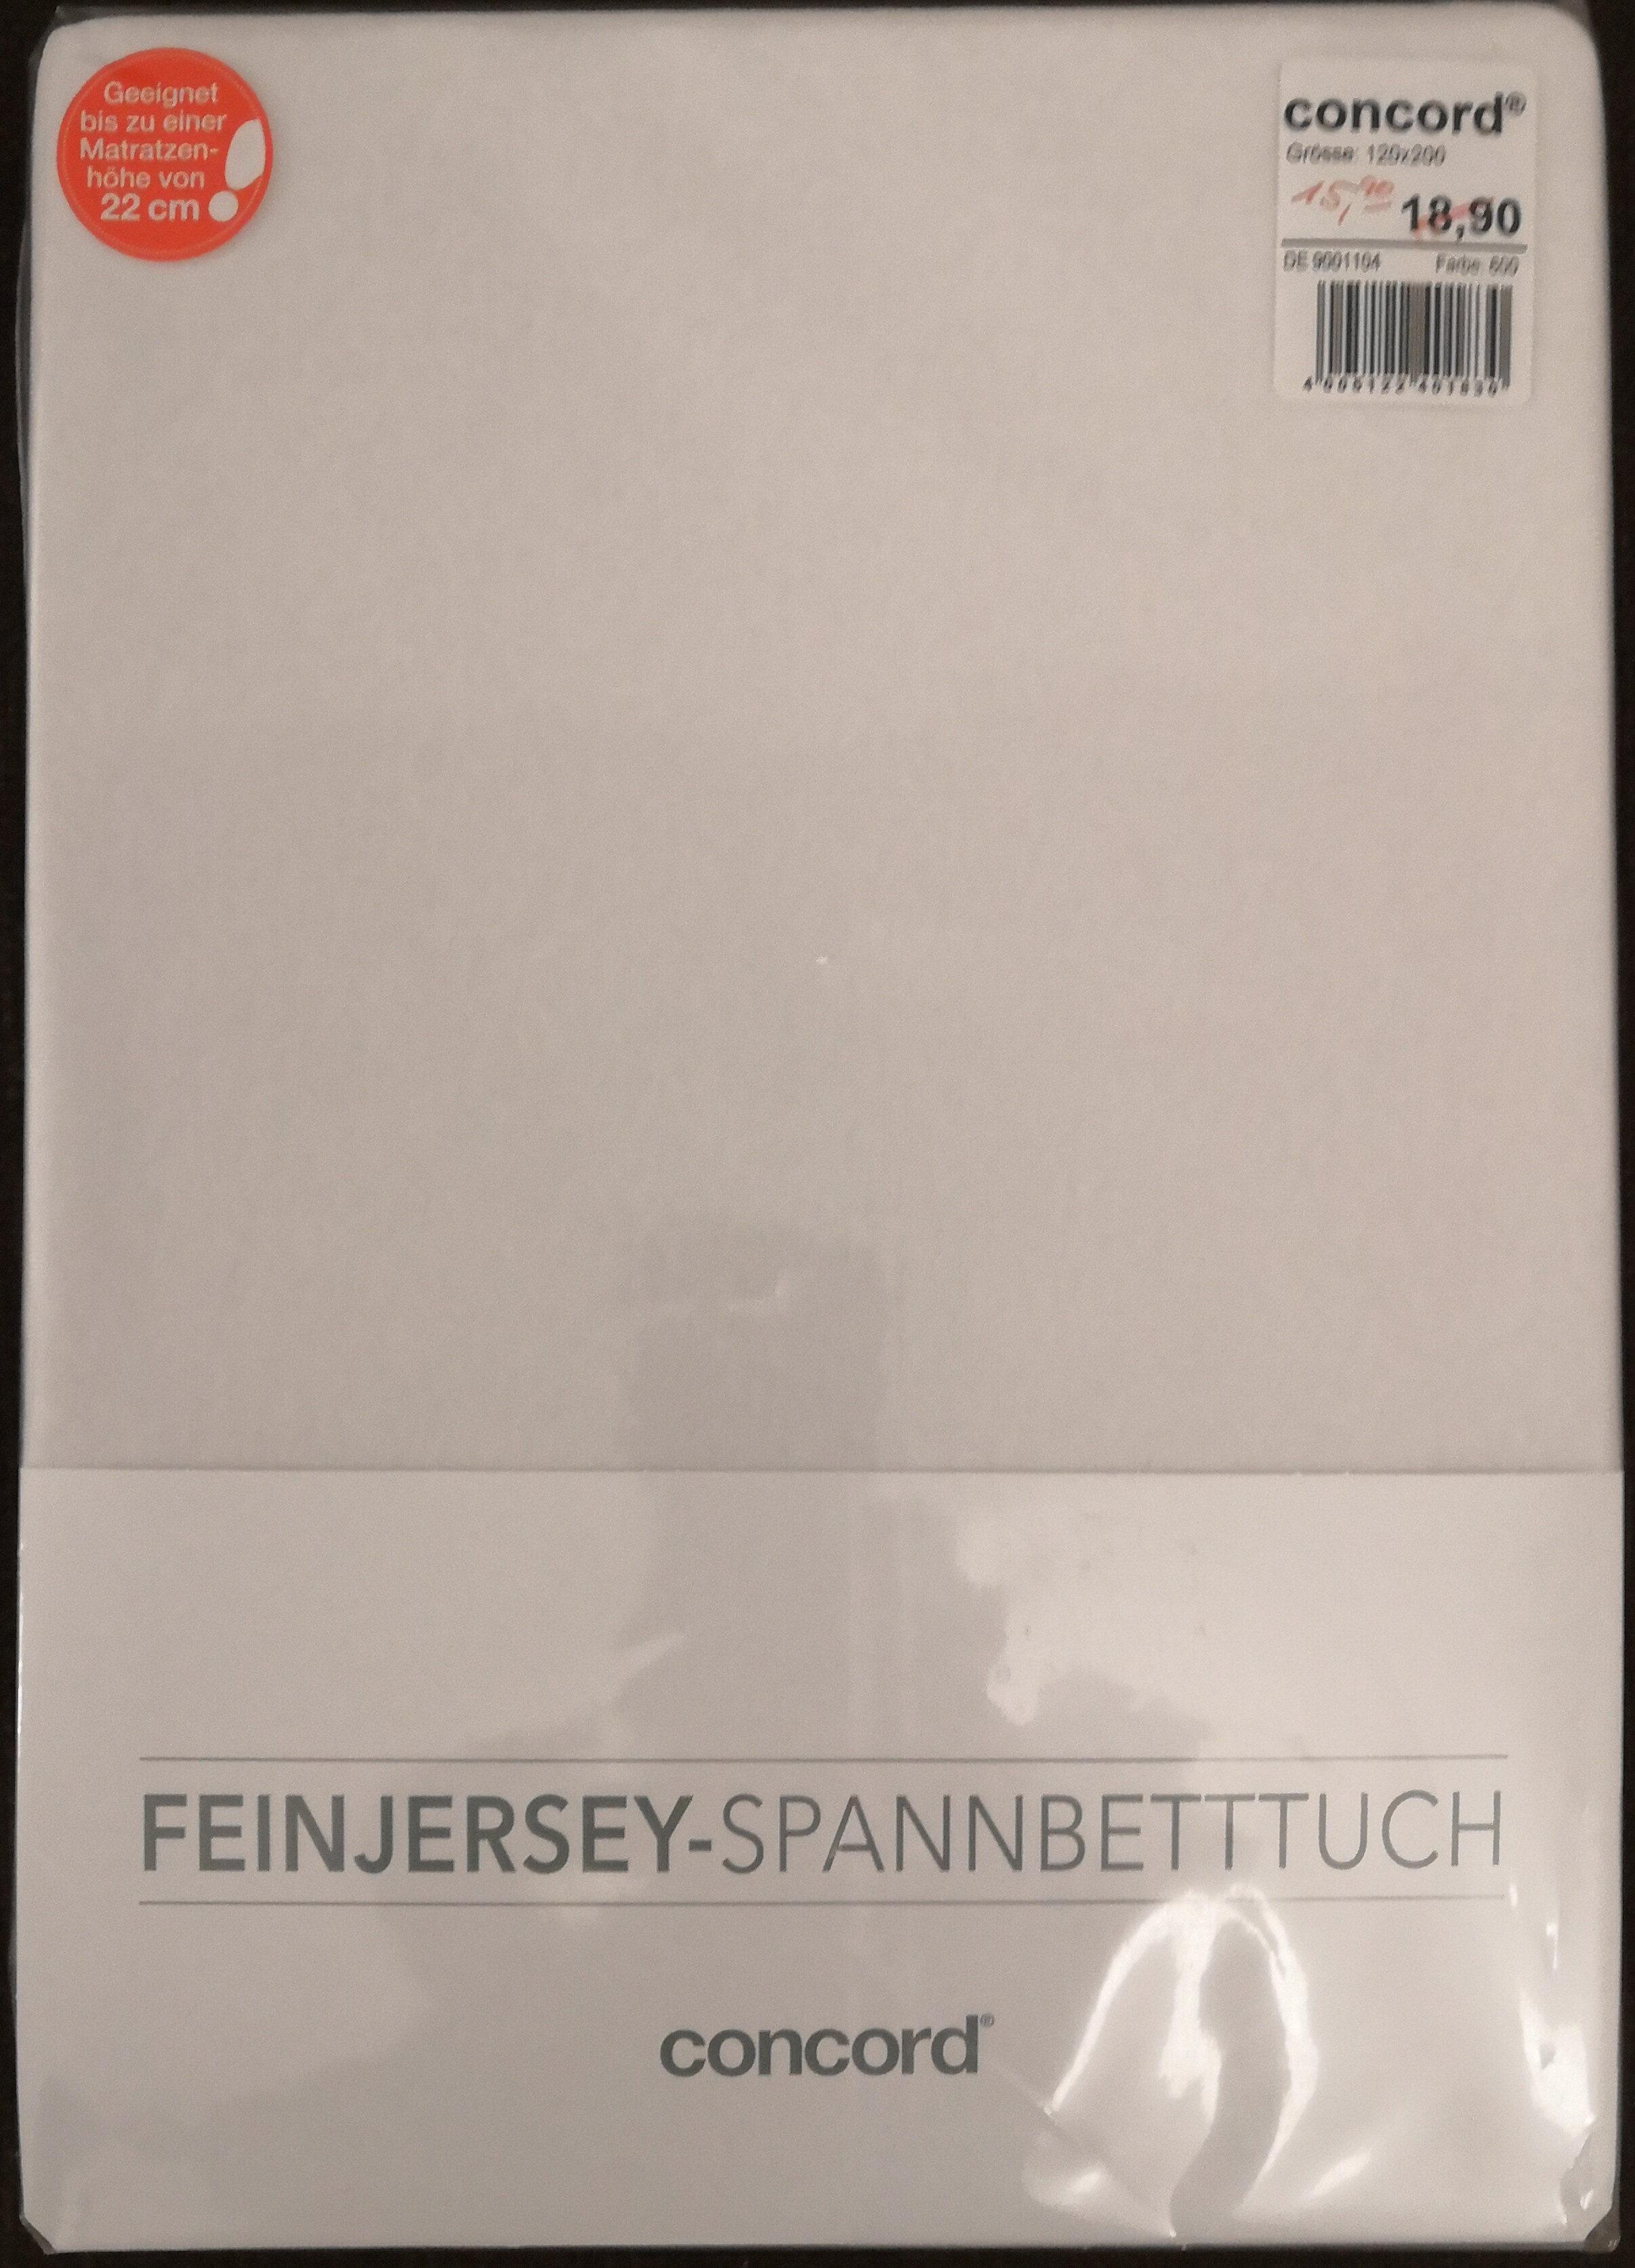 concord Feinjersey-Spannbetttuch - Product